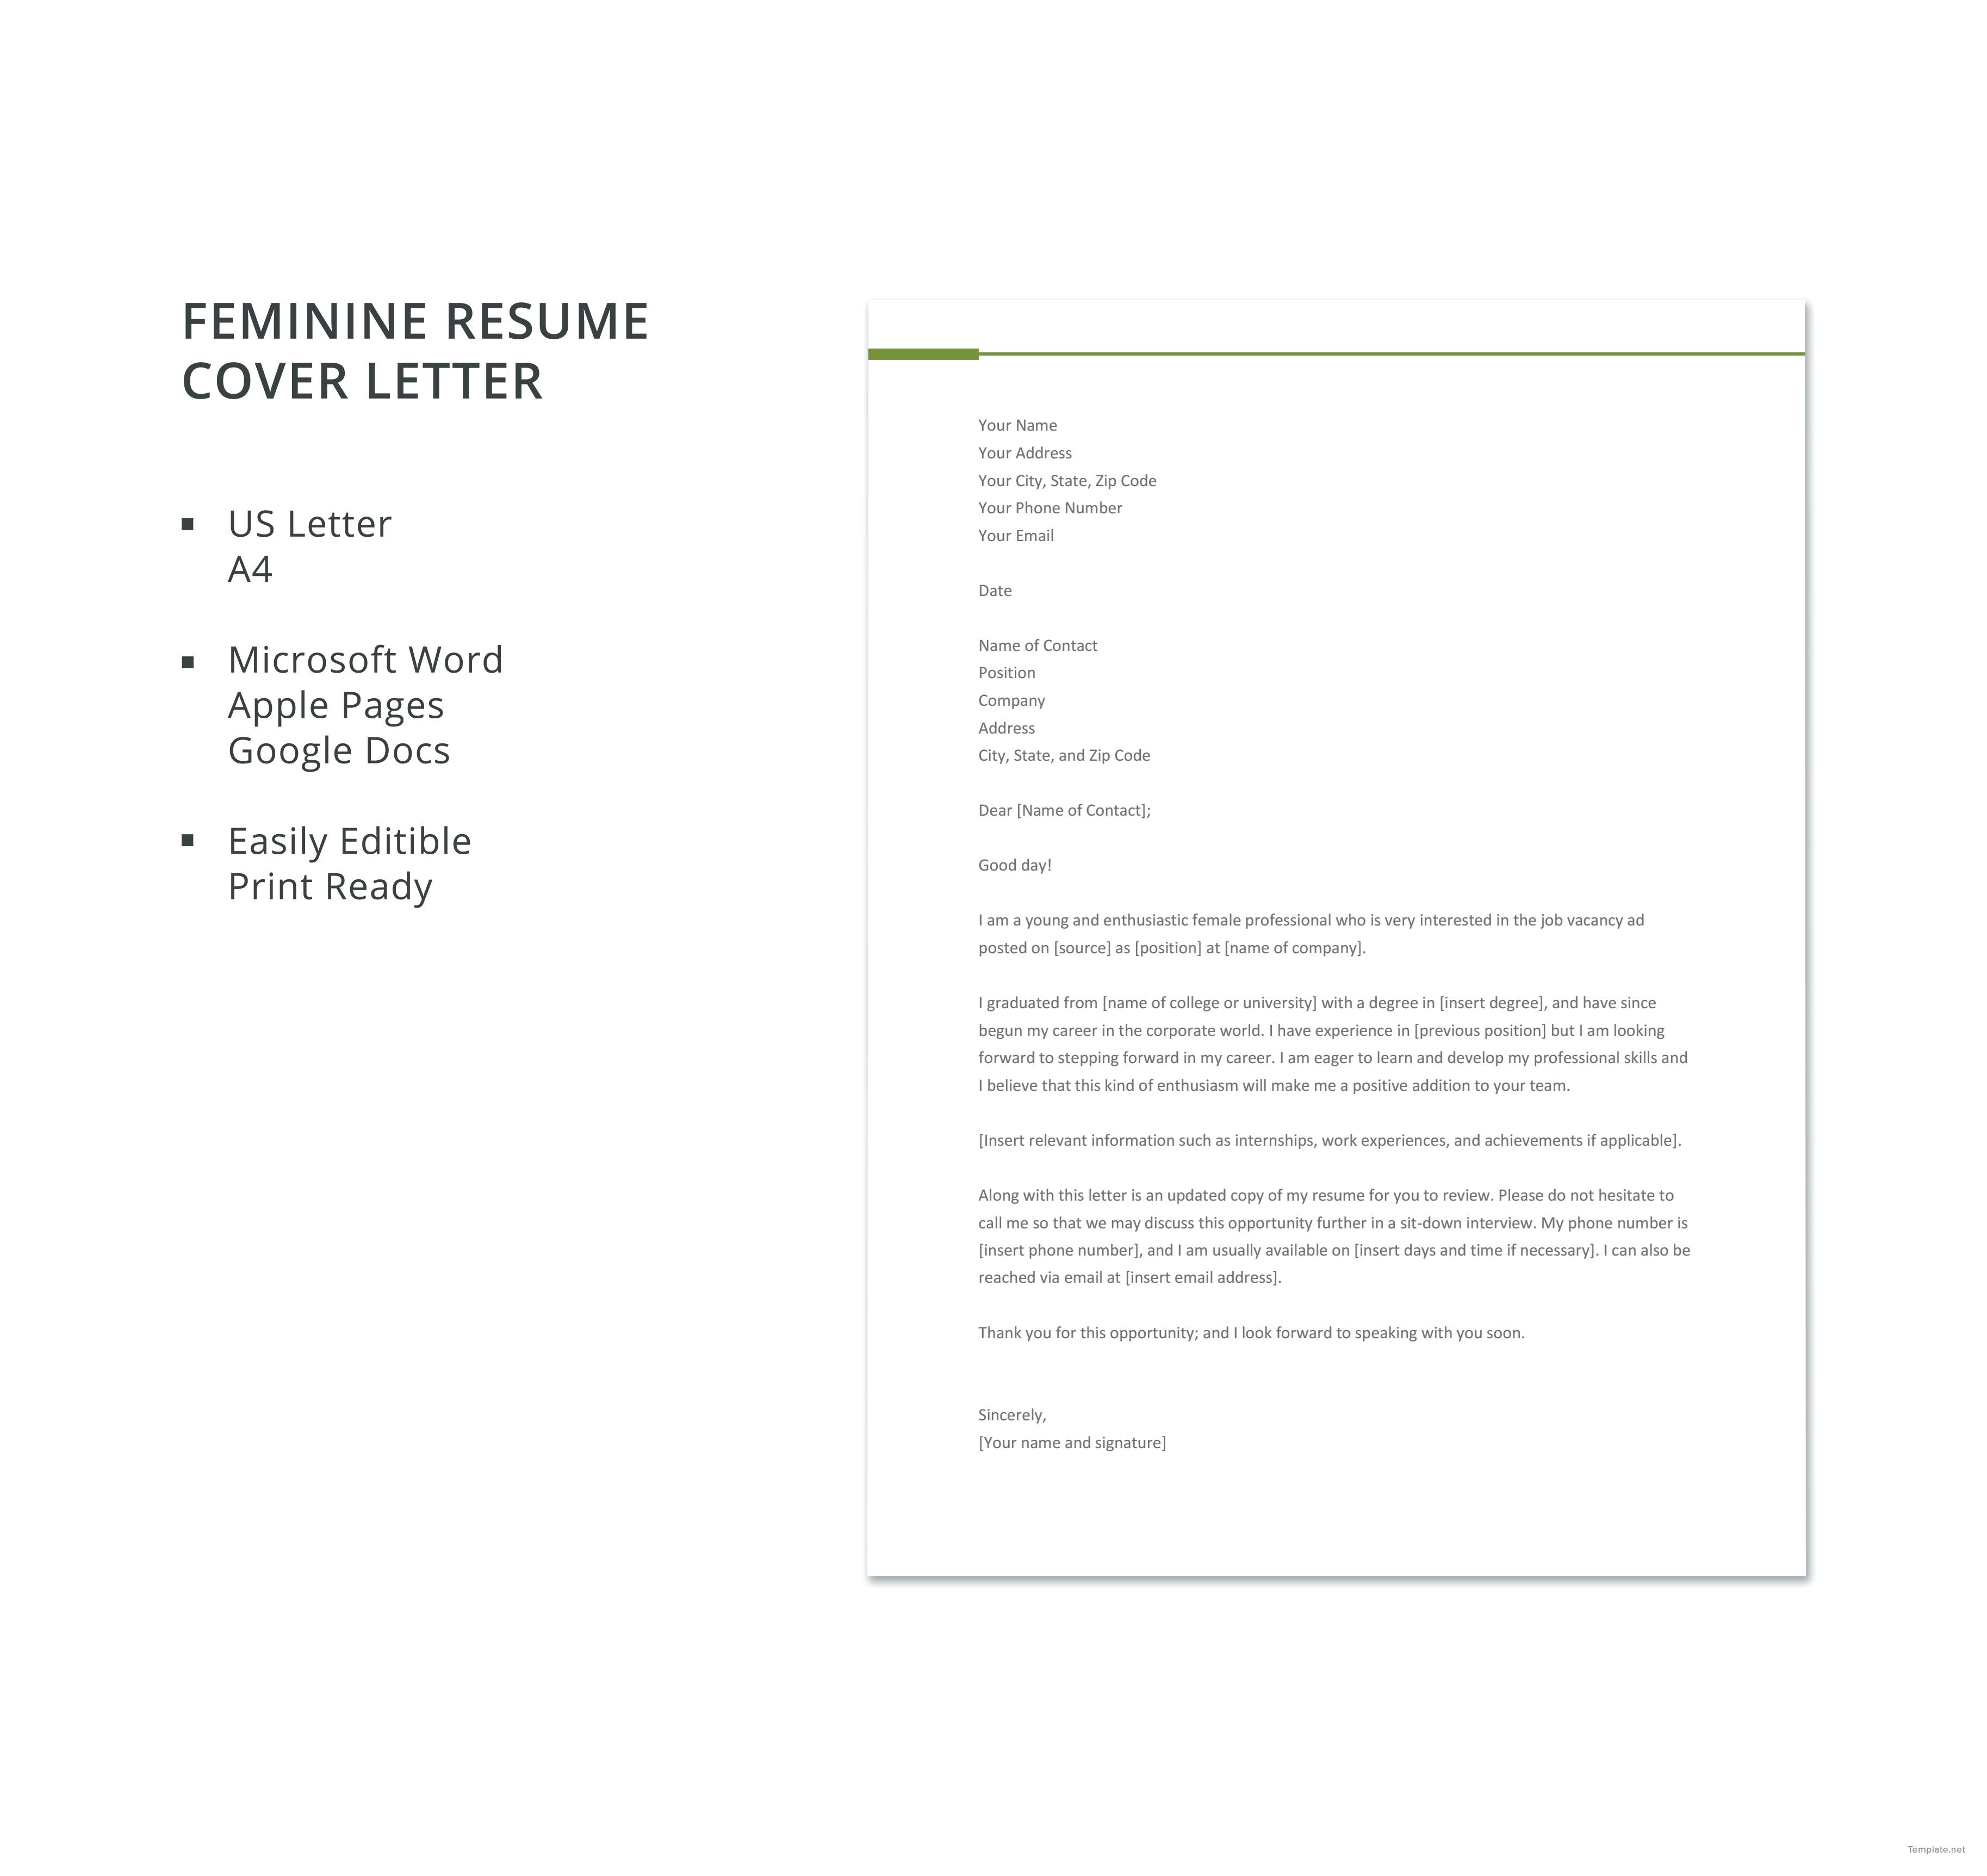 feminine resume cover letter template